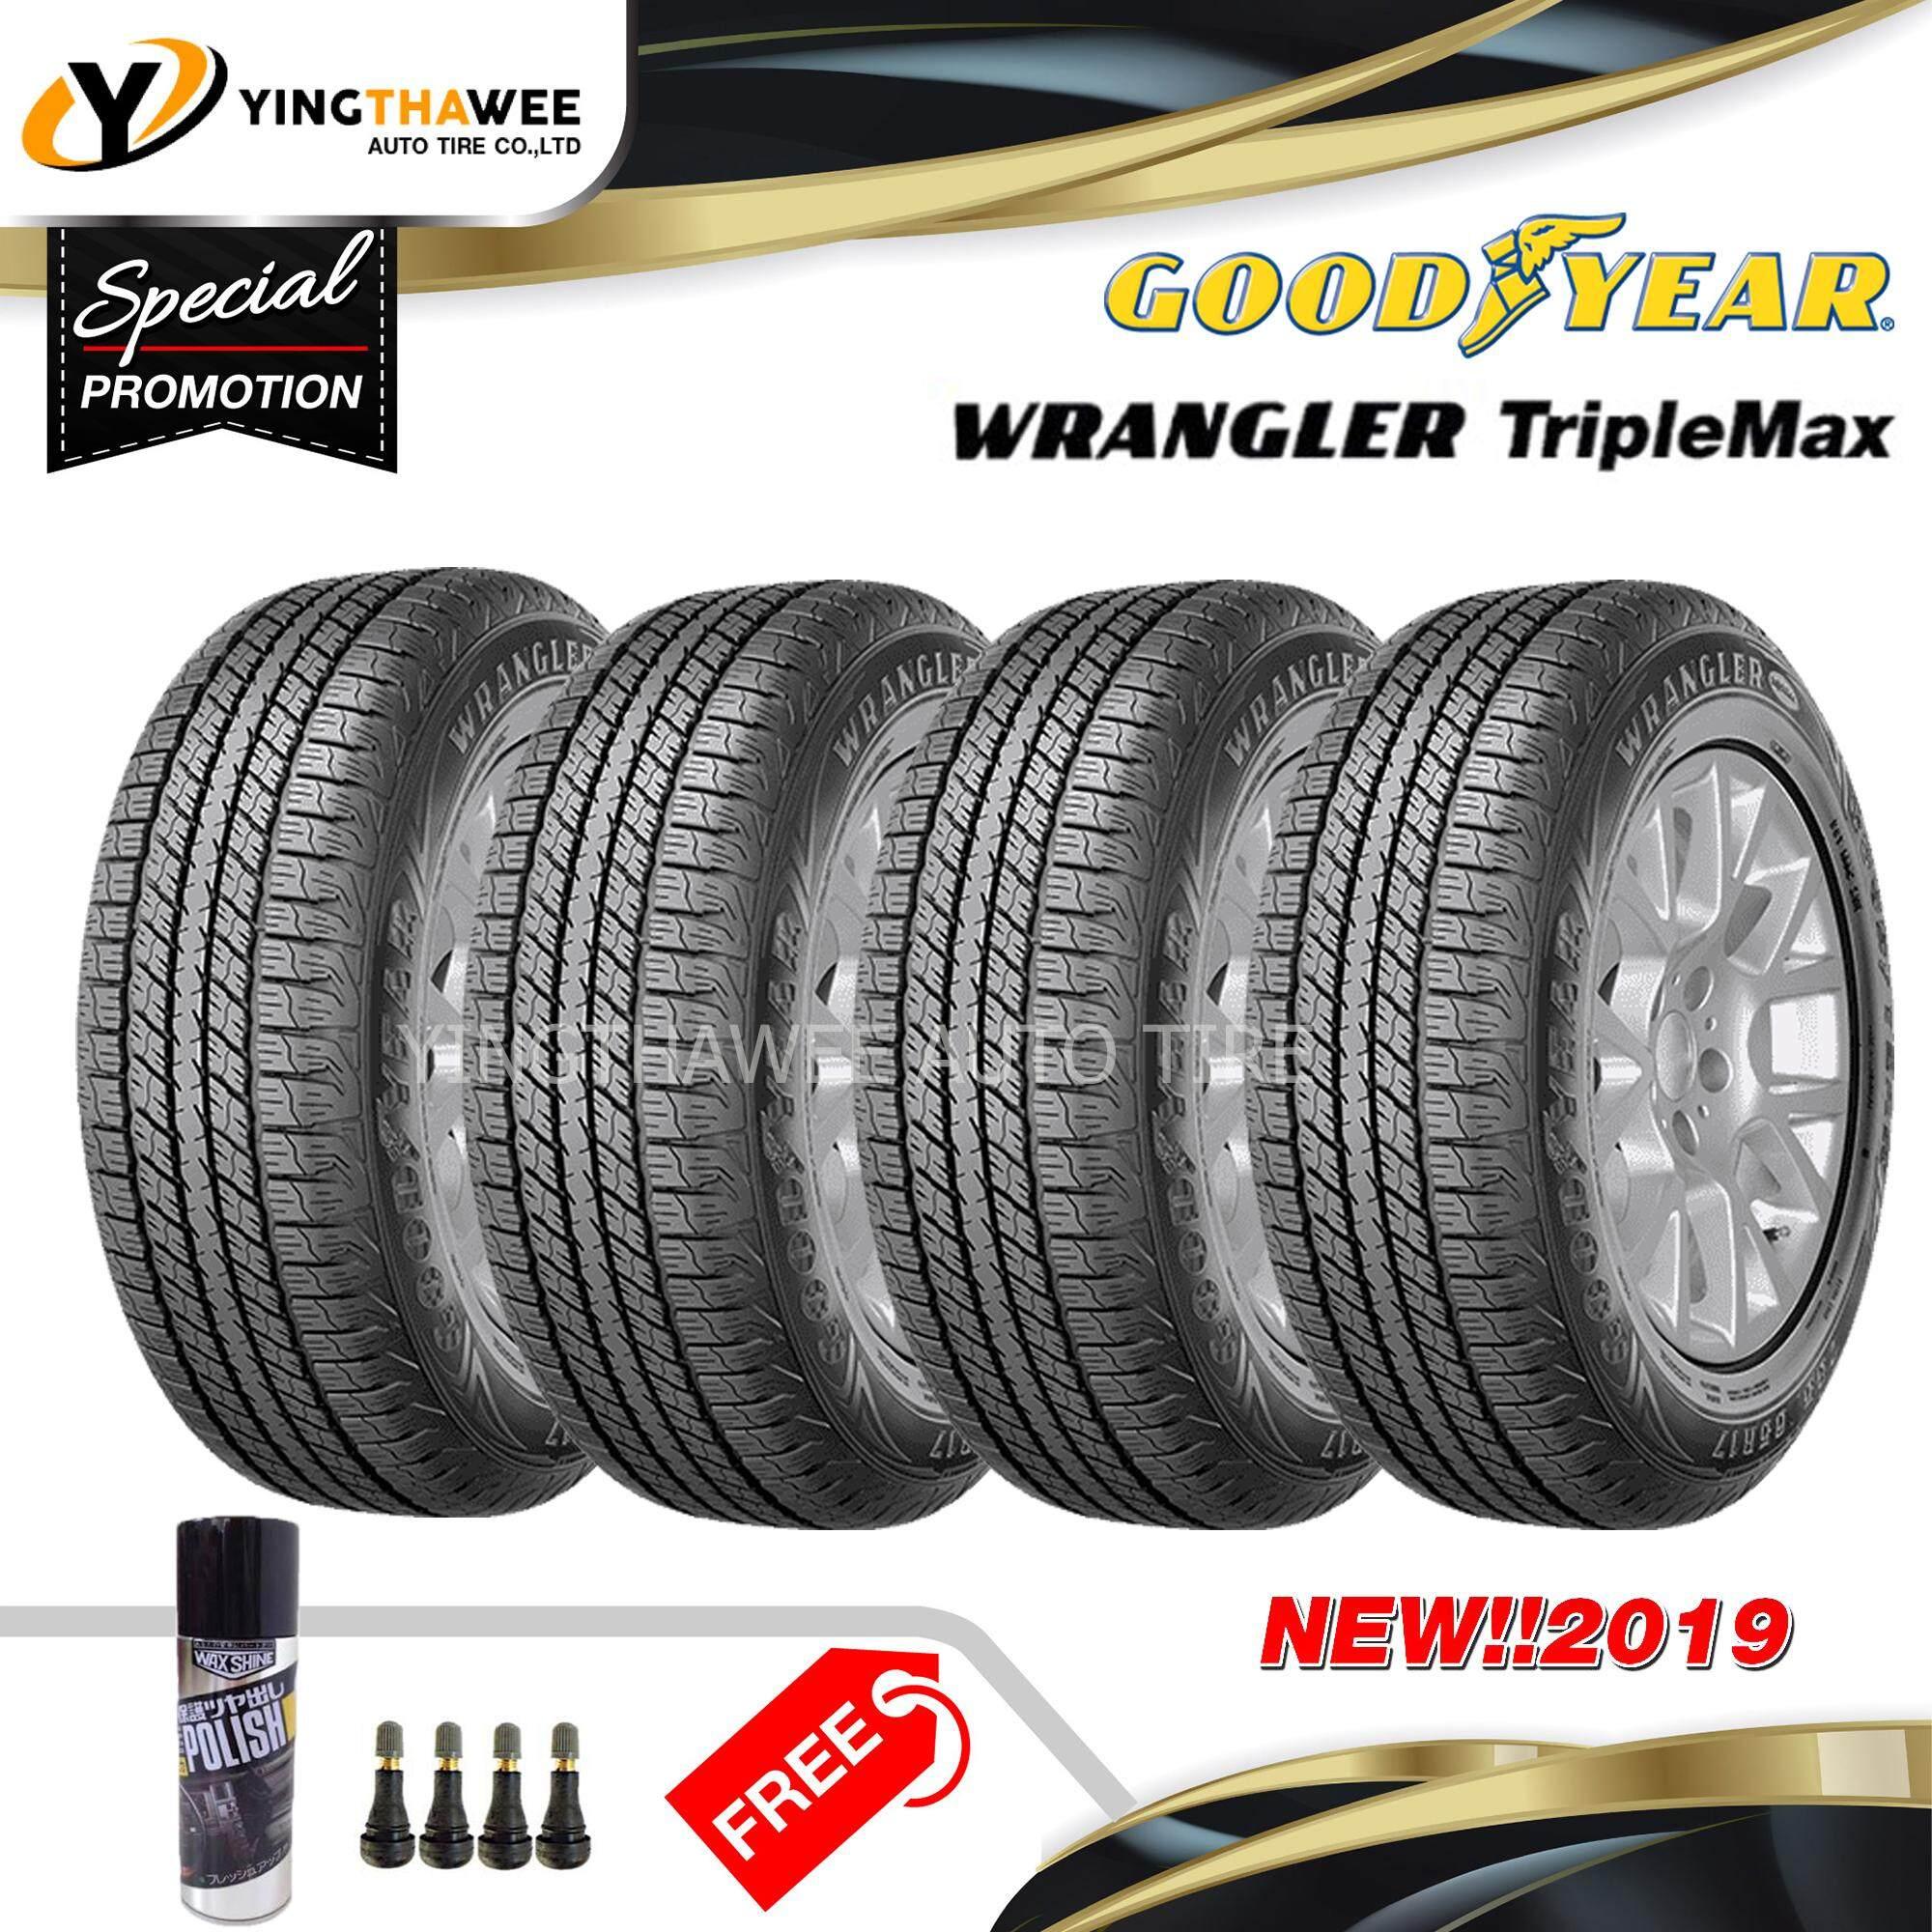 ประกันภัย รถยนต์ 3 พลัส ราคา ถูก พิษณุโลก Goodyear ยางรถยนต์ 235/65R17 รุ่น Wrangler Triplemax  4 เส้น (ปี 2019) แถม Wax Shine 420 ml. 1 กระป๋อง + จุ๊บลมยางหัวทองเหลือง 4 ตัว